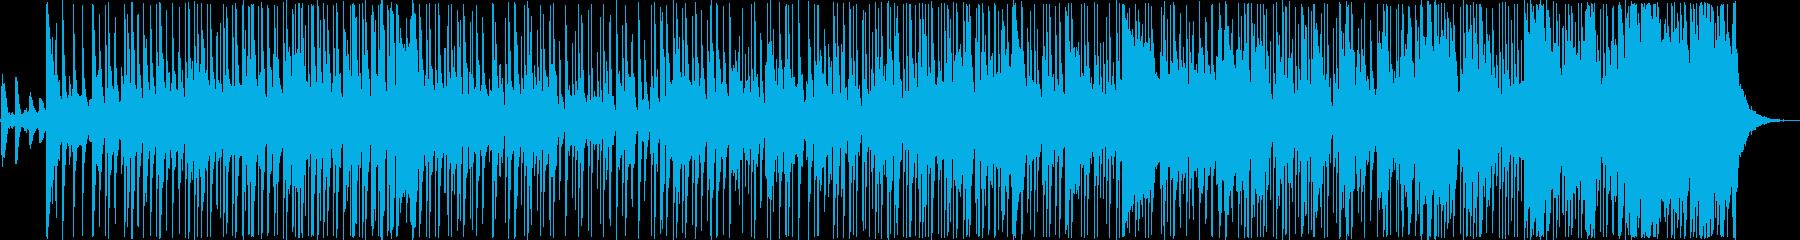 伝統的、しつこい、繰り返し。の再生済みの波形